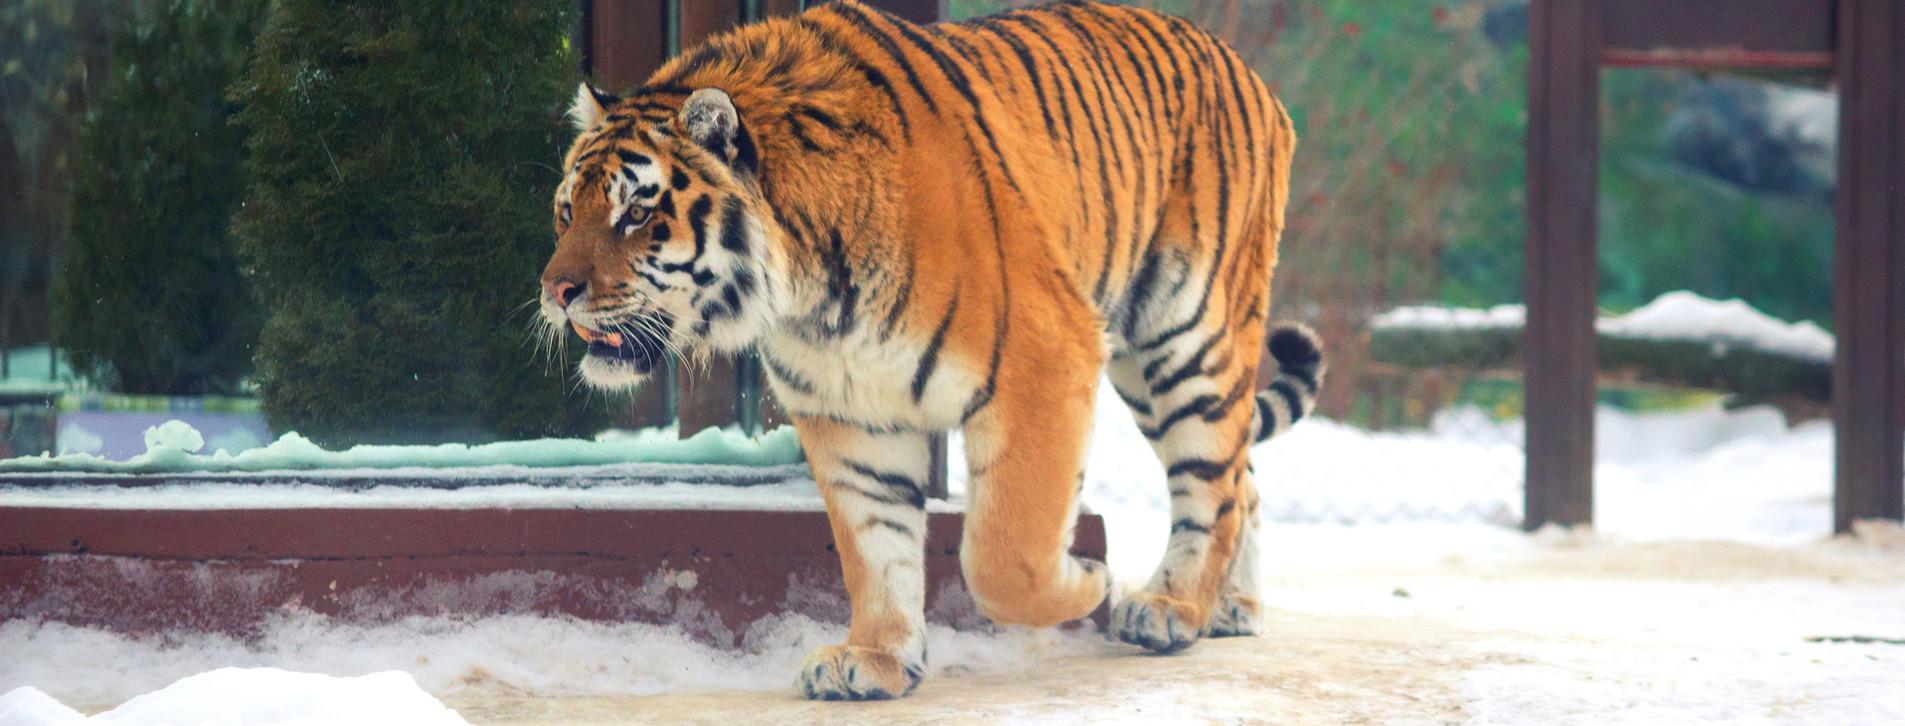 Фото - Зоопарк «12 місяців» для двох